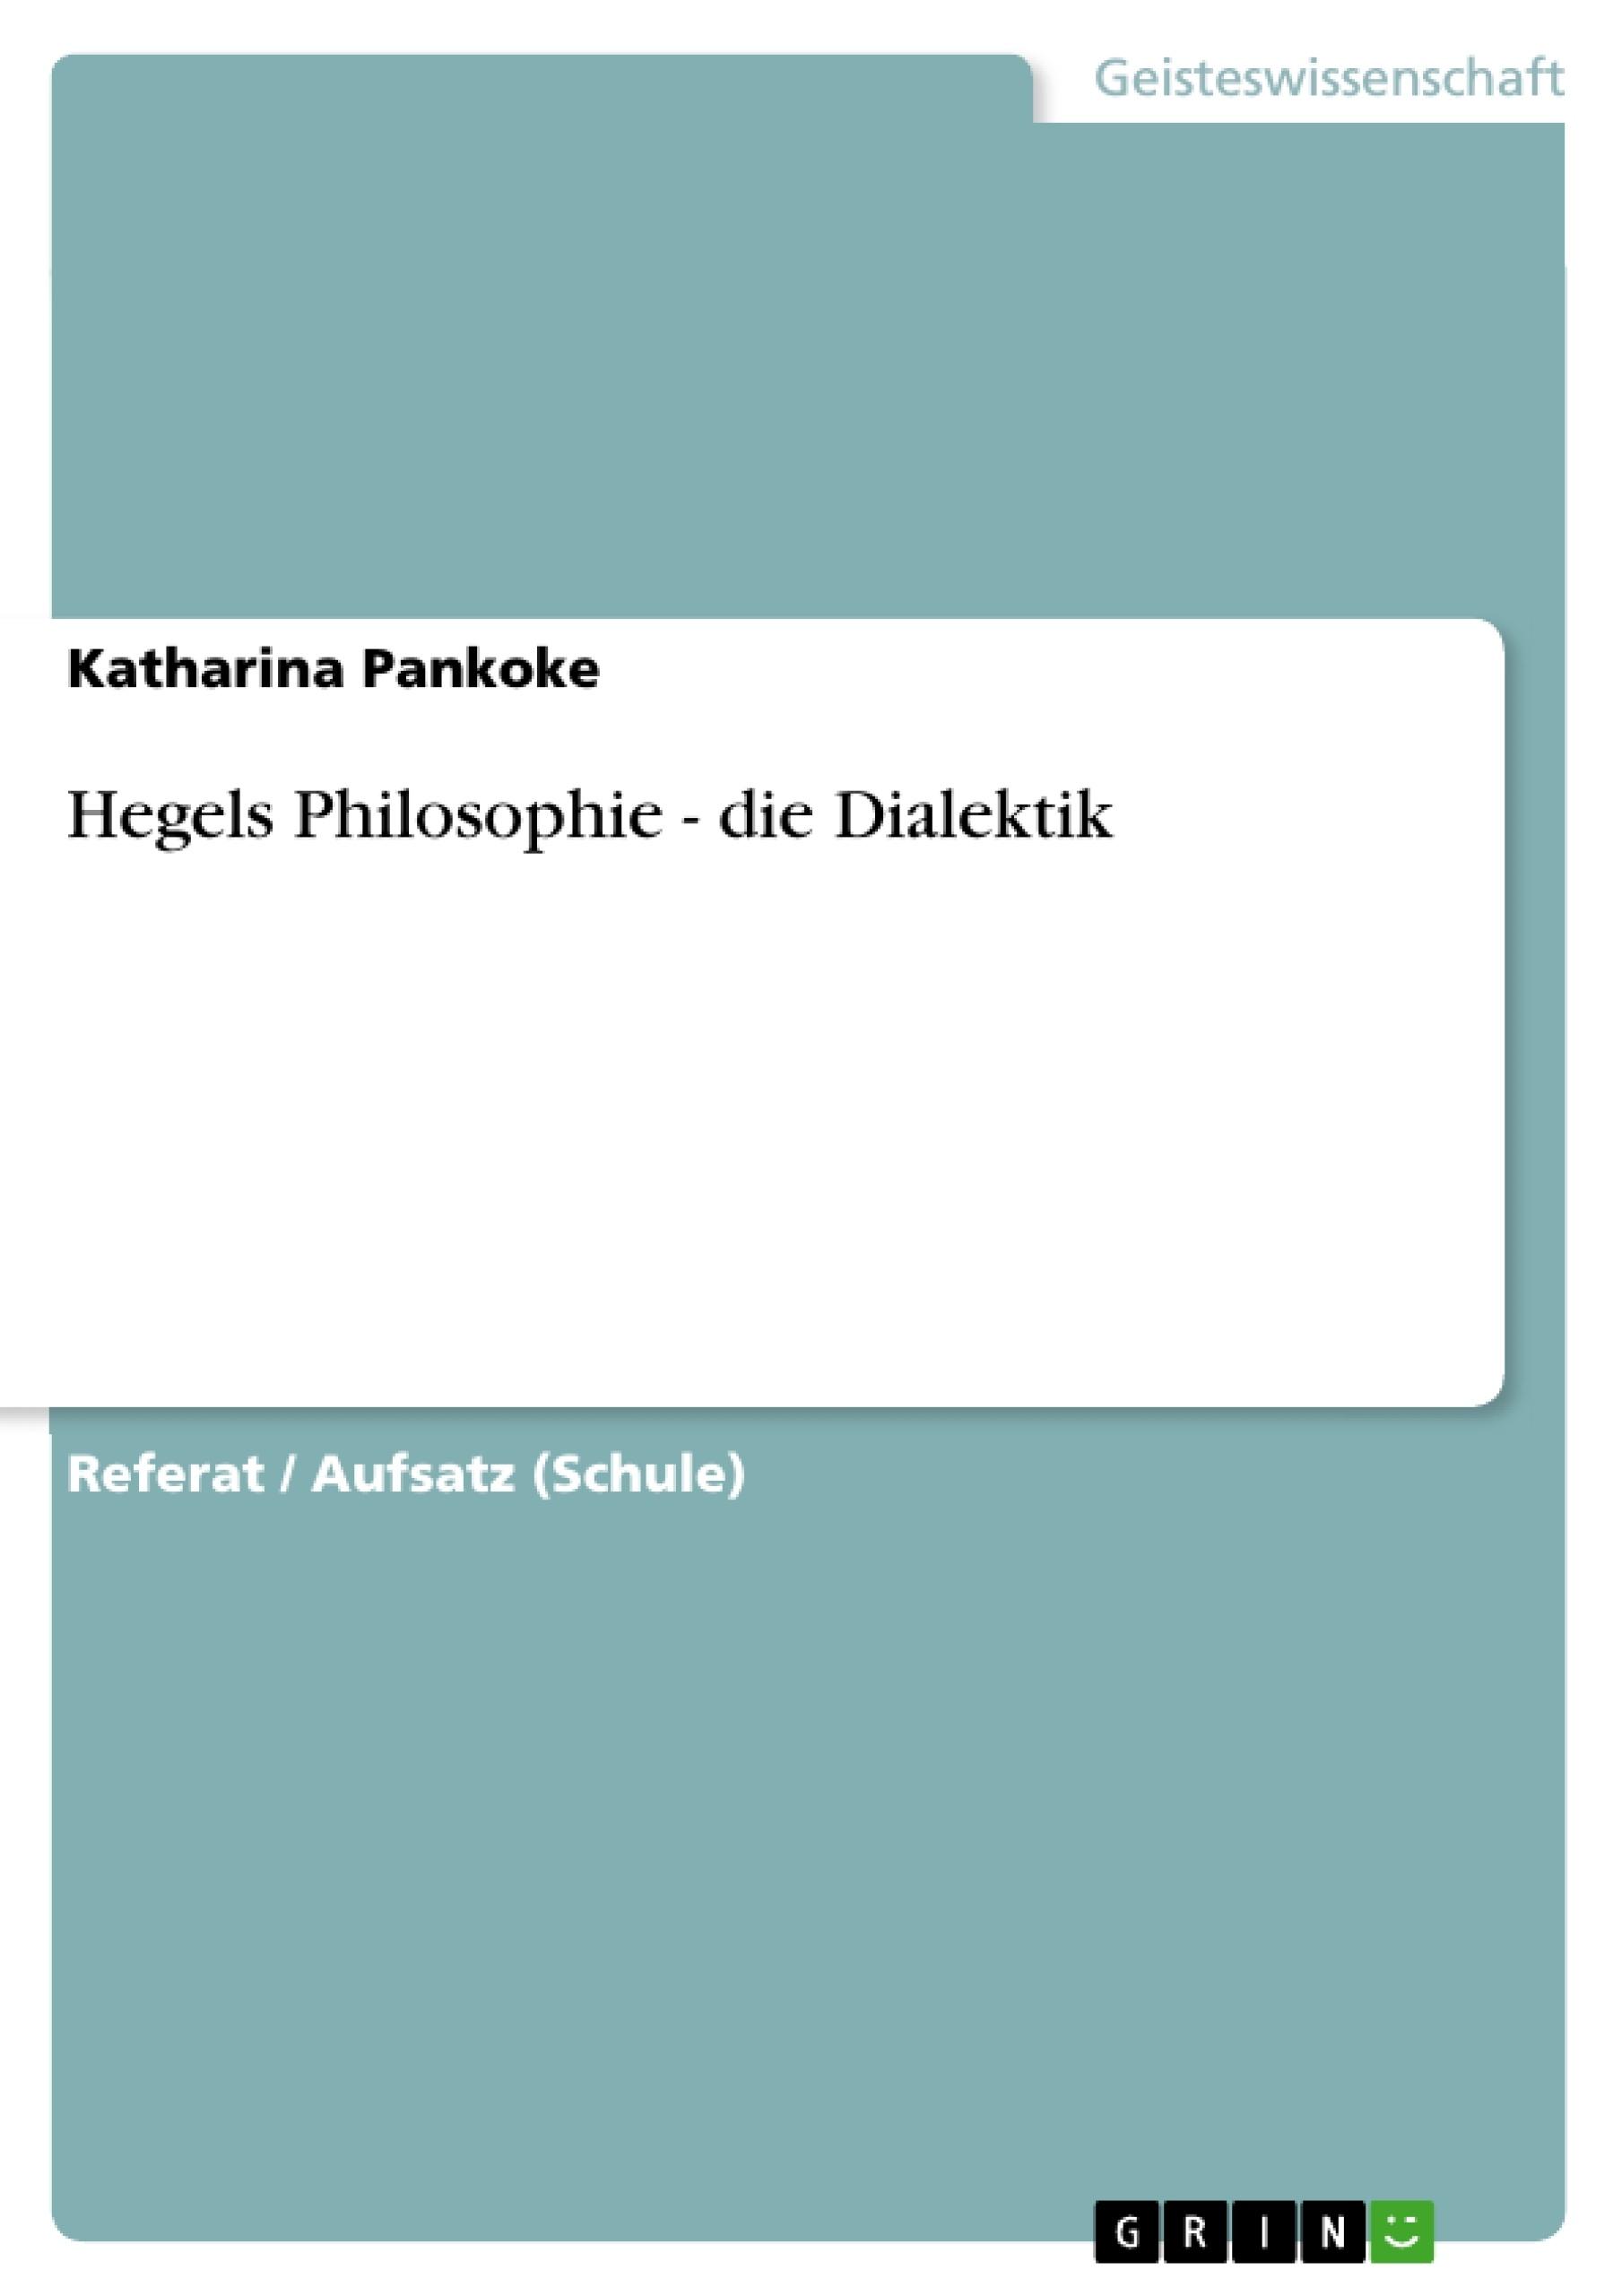 Titel: Hegels Philosophie - die Dialektik